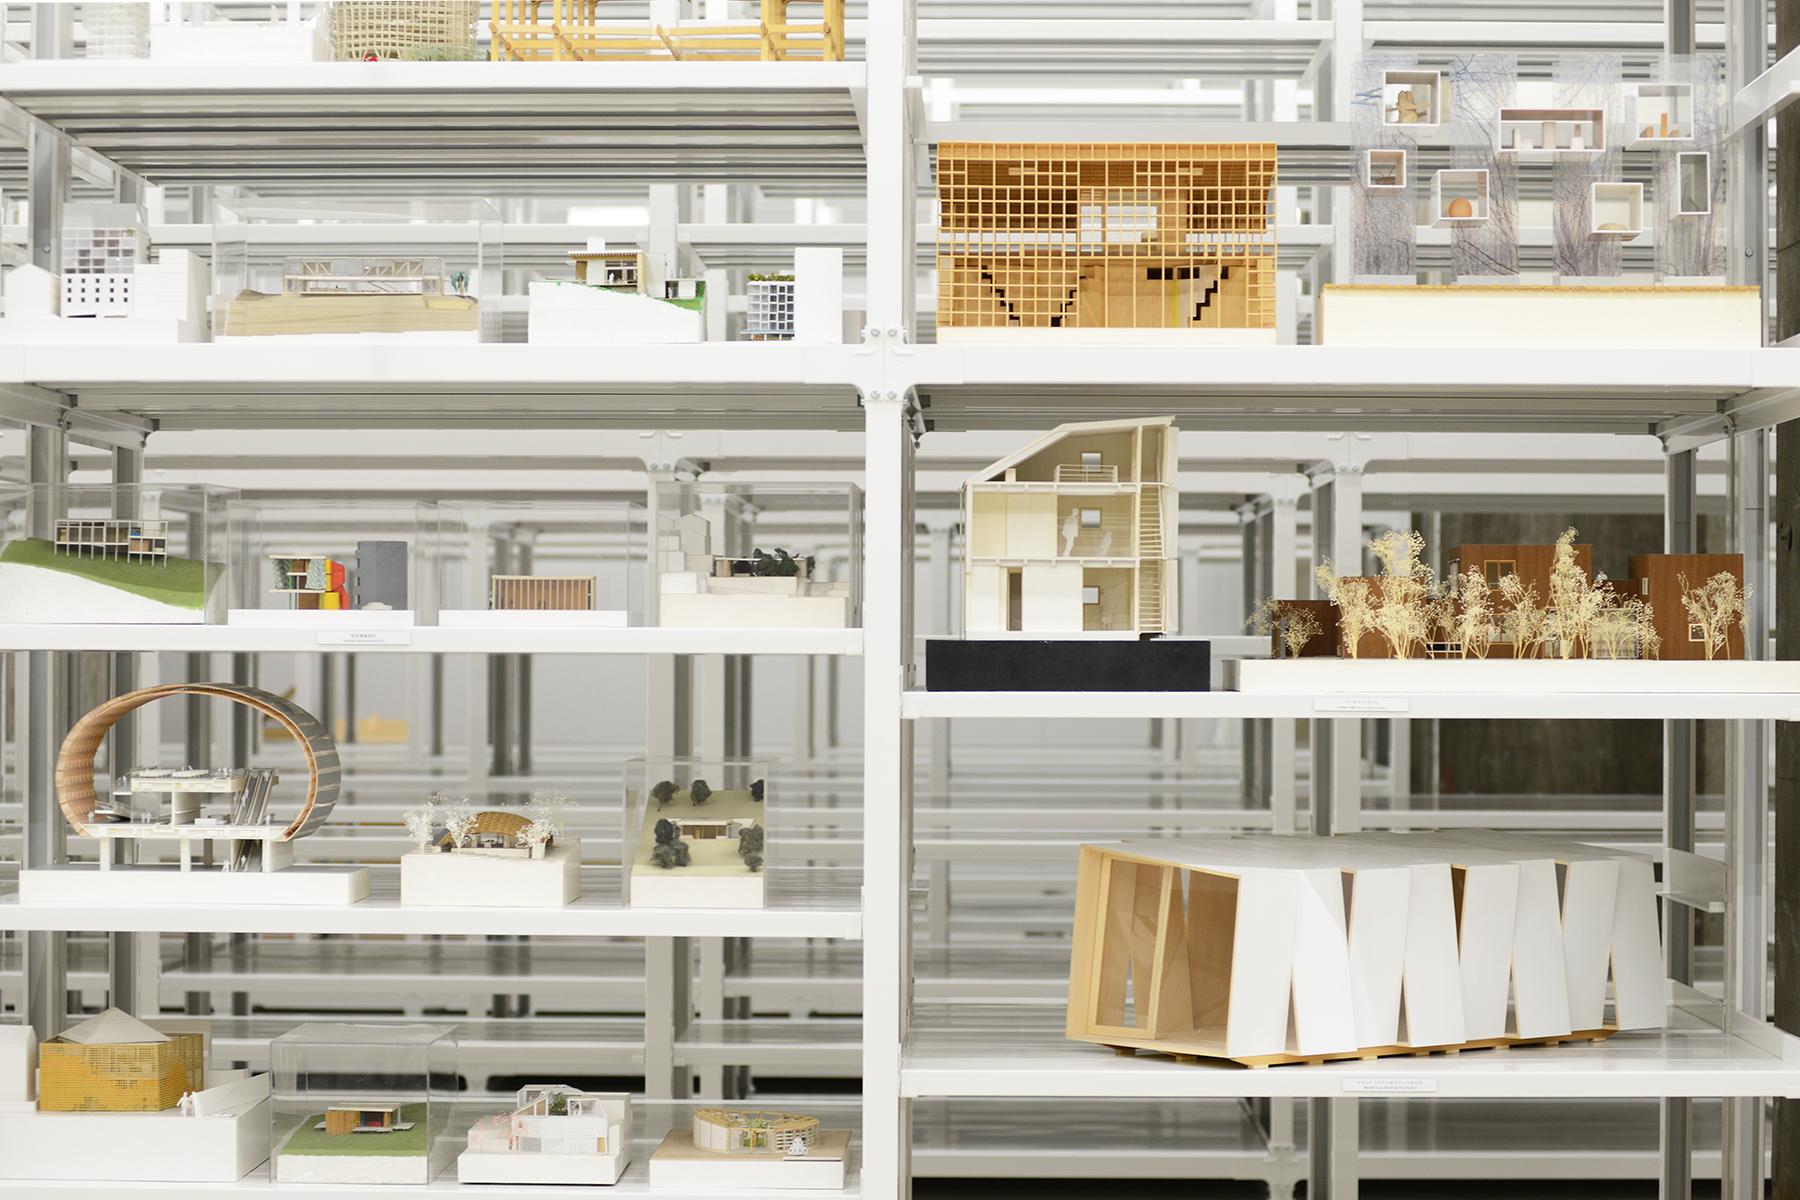 Музей моделей архитектуры: технологии и восточная философия